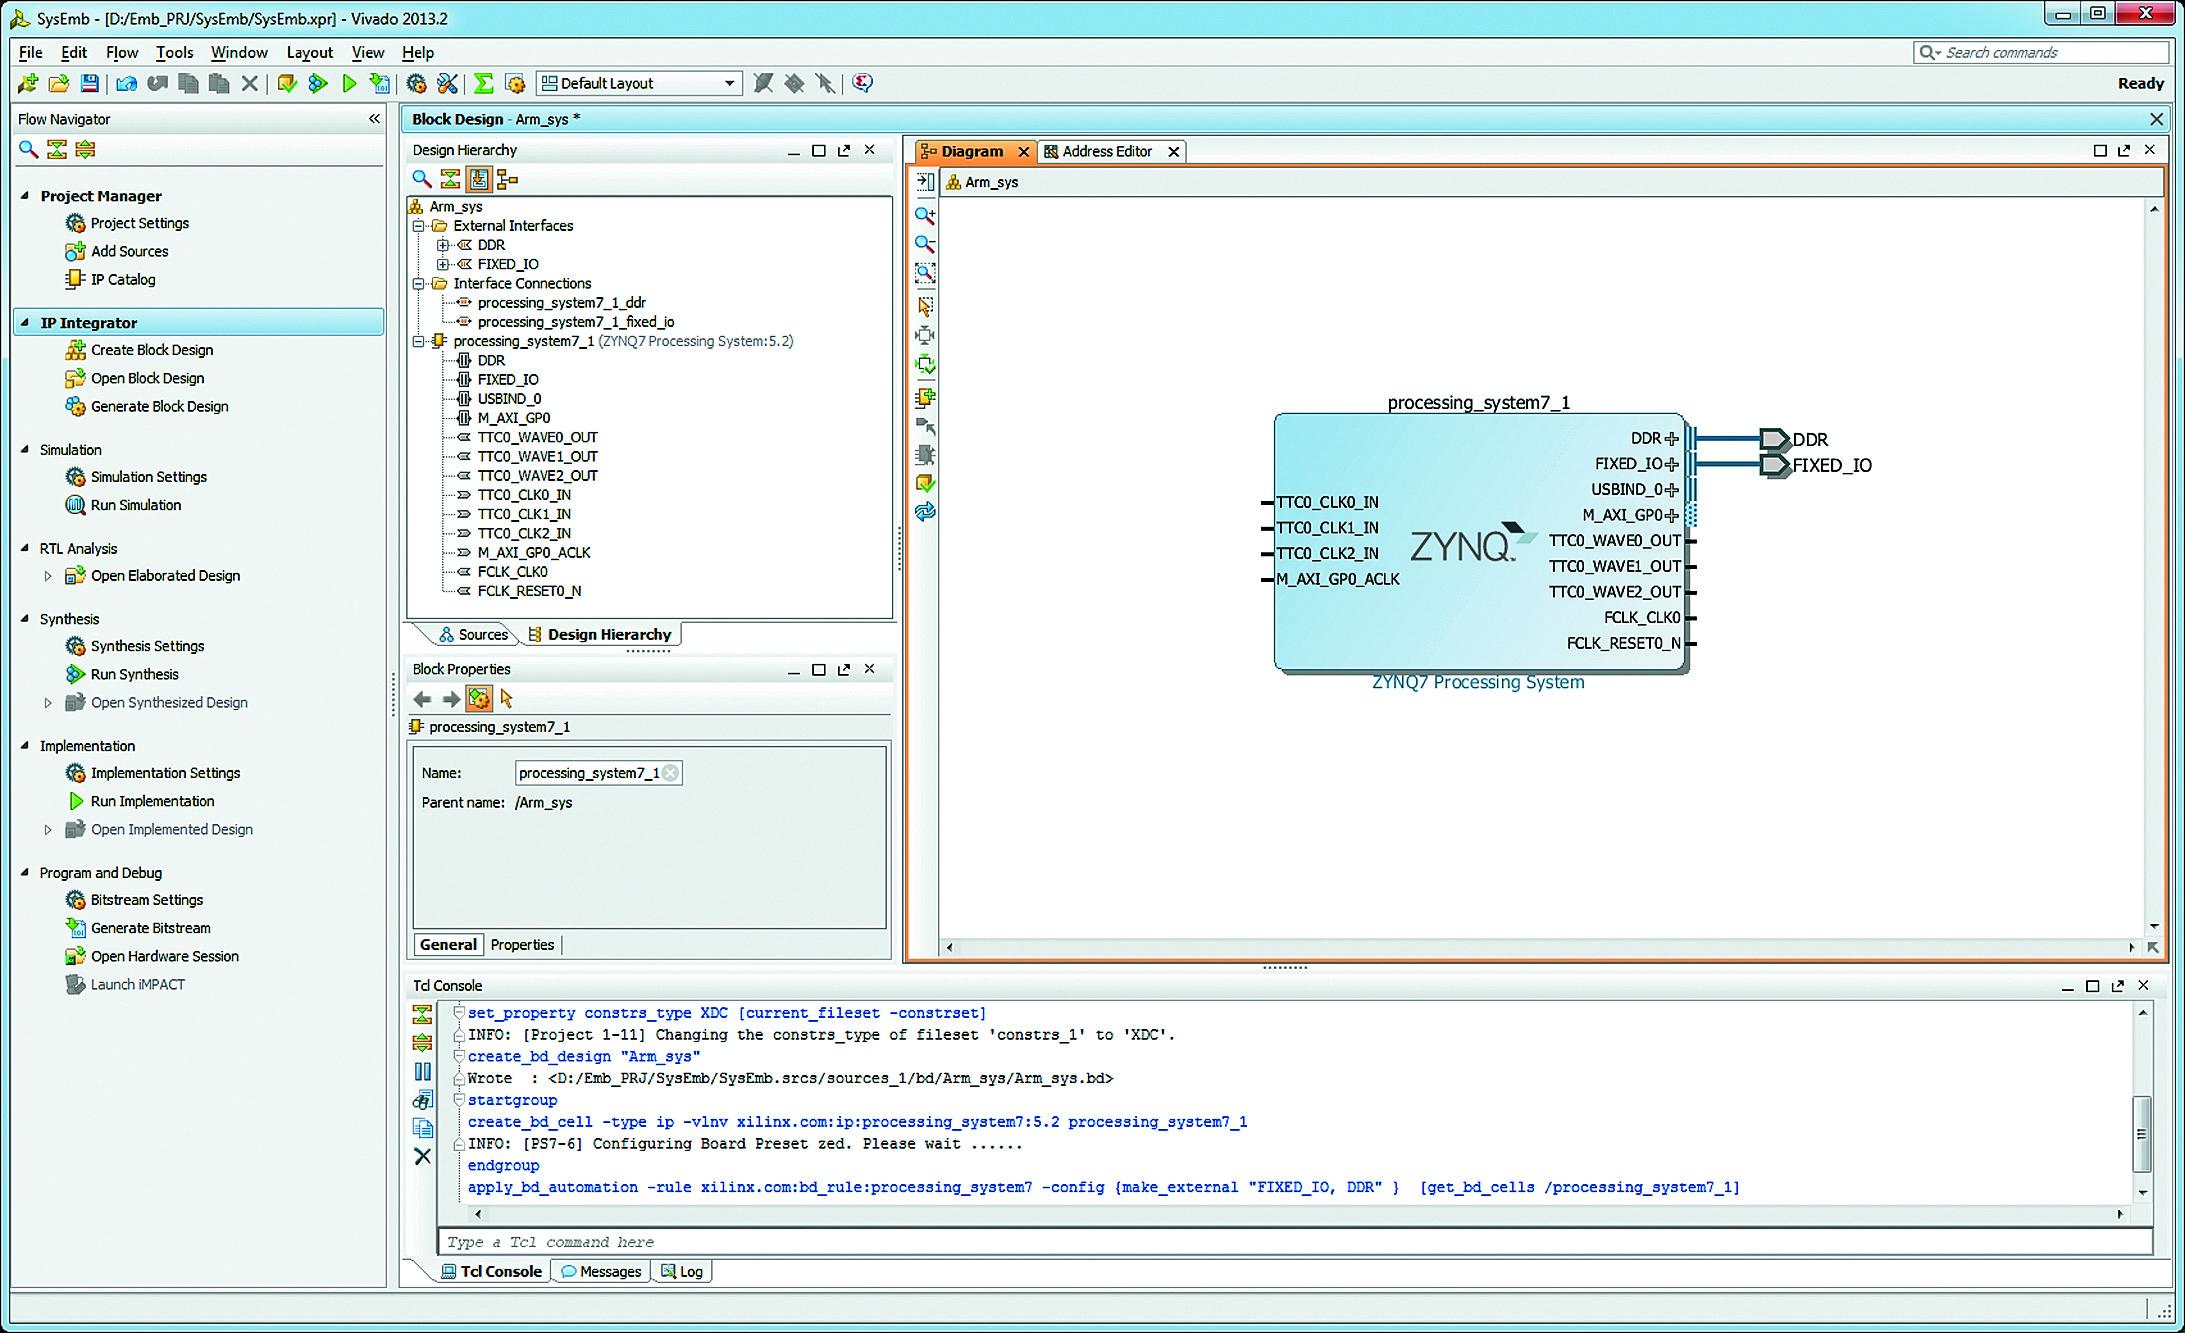 Разработка аппаратной платформы встраиваемых микропроцессорных систем в интегрированной среде Vivado IDE